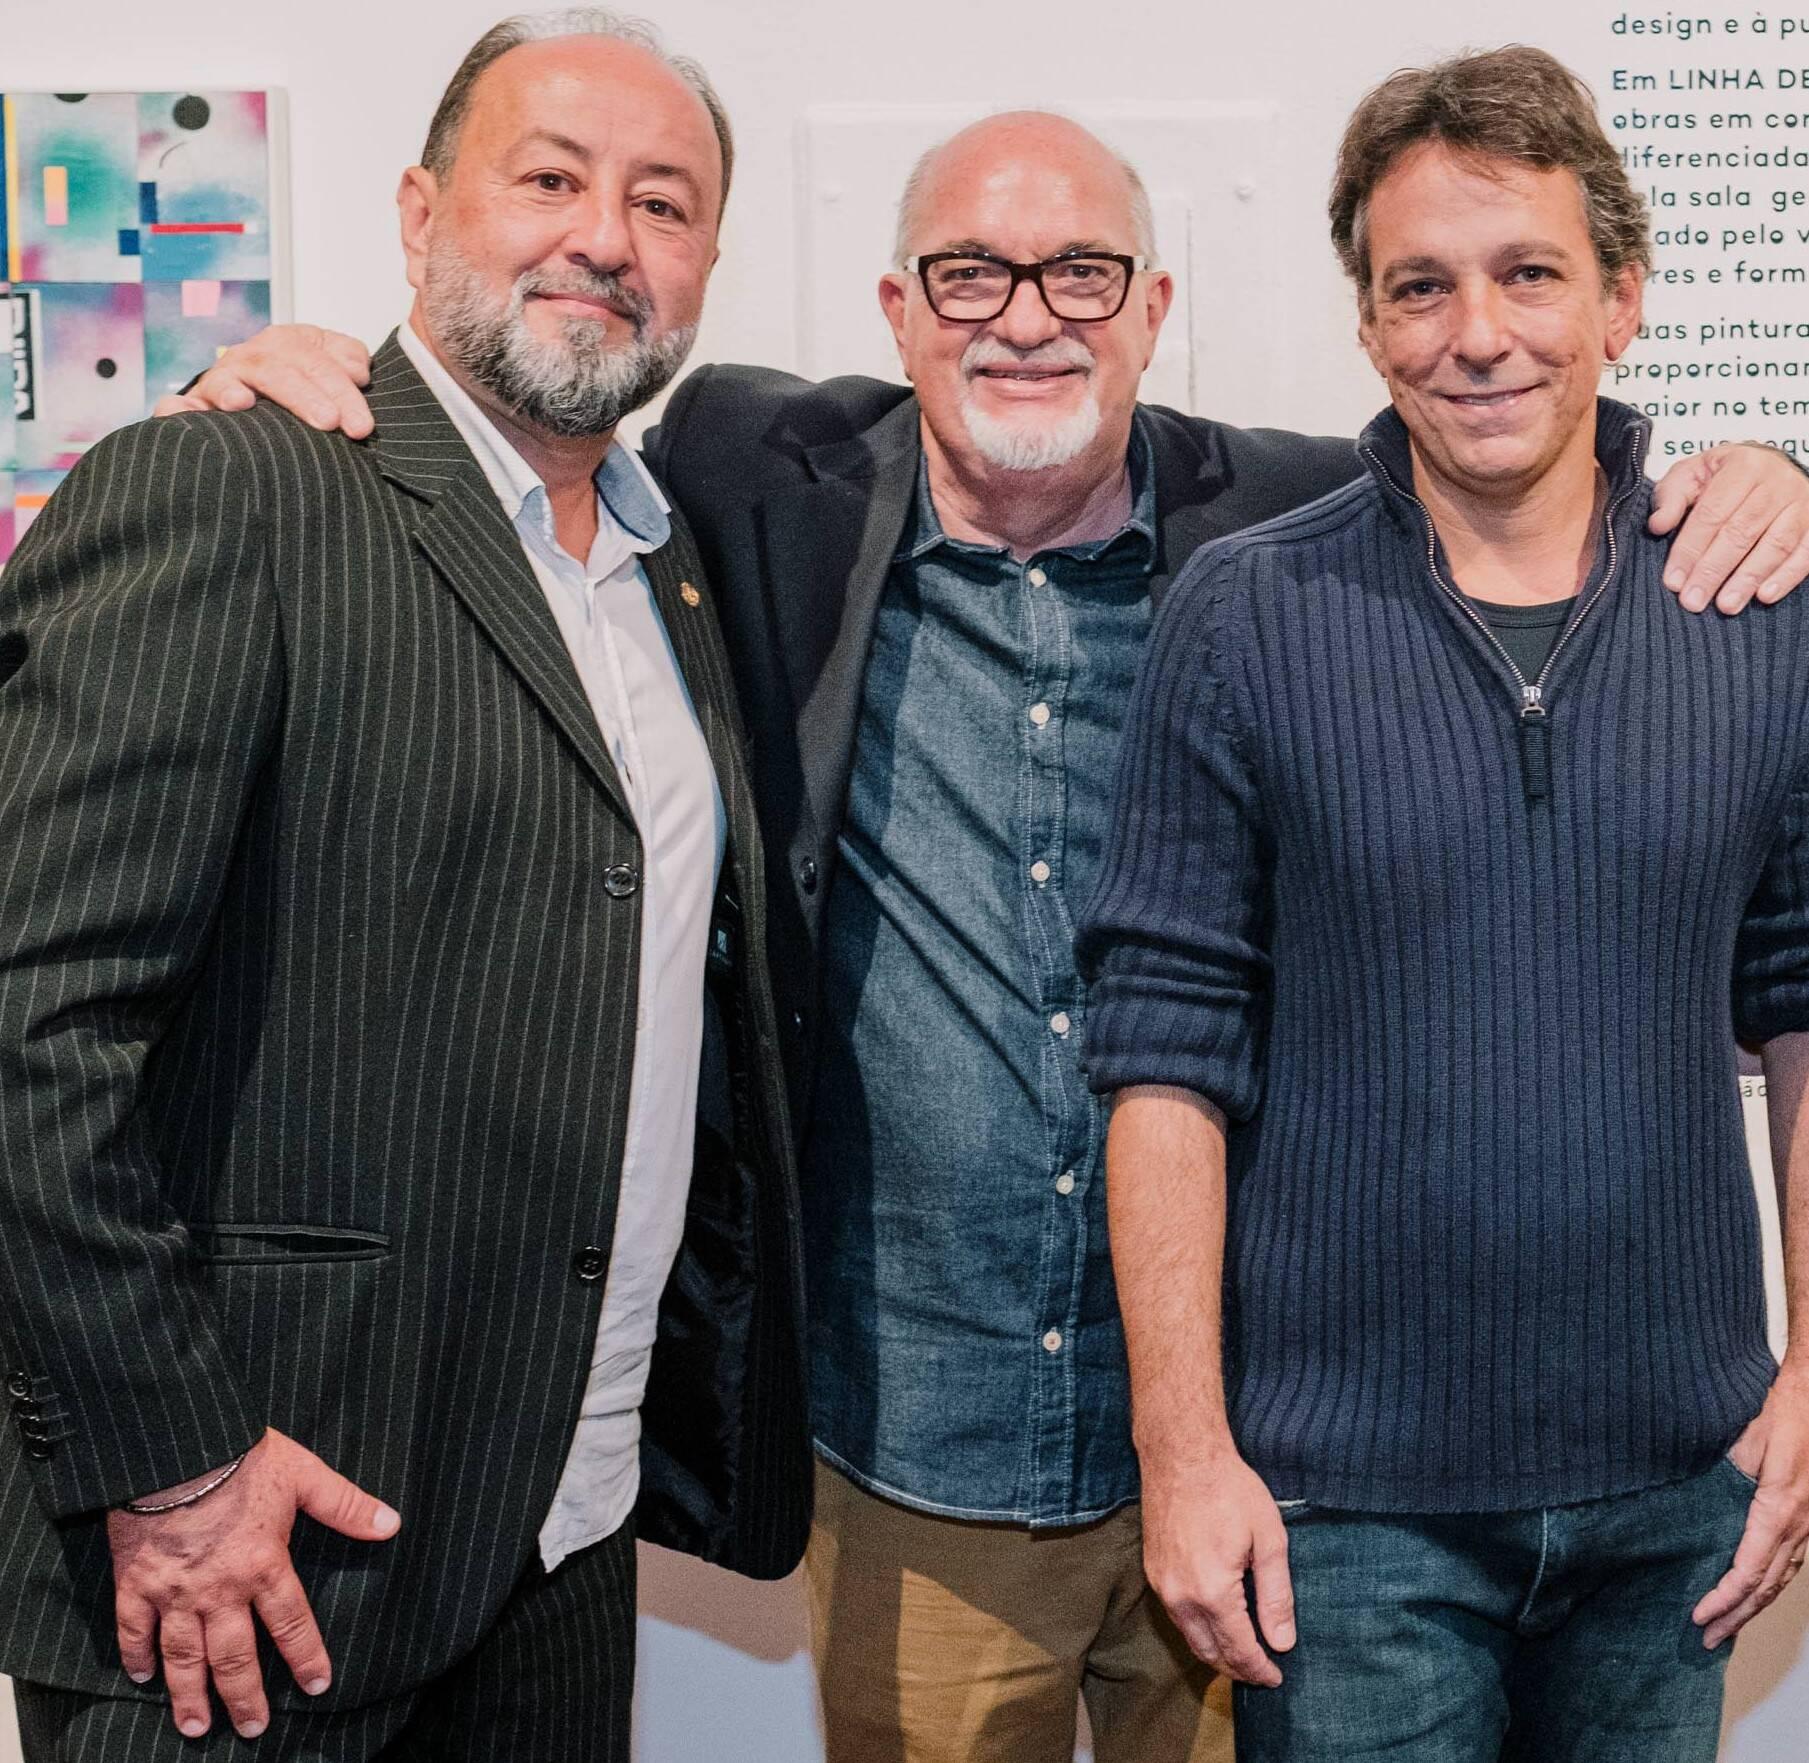 Ednor Medeiros, Carlos Bertão e Bruno Lins,  /Foto: Tulio Thomé